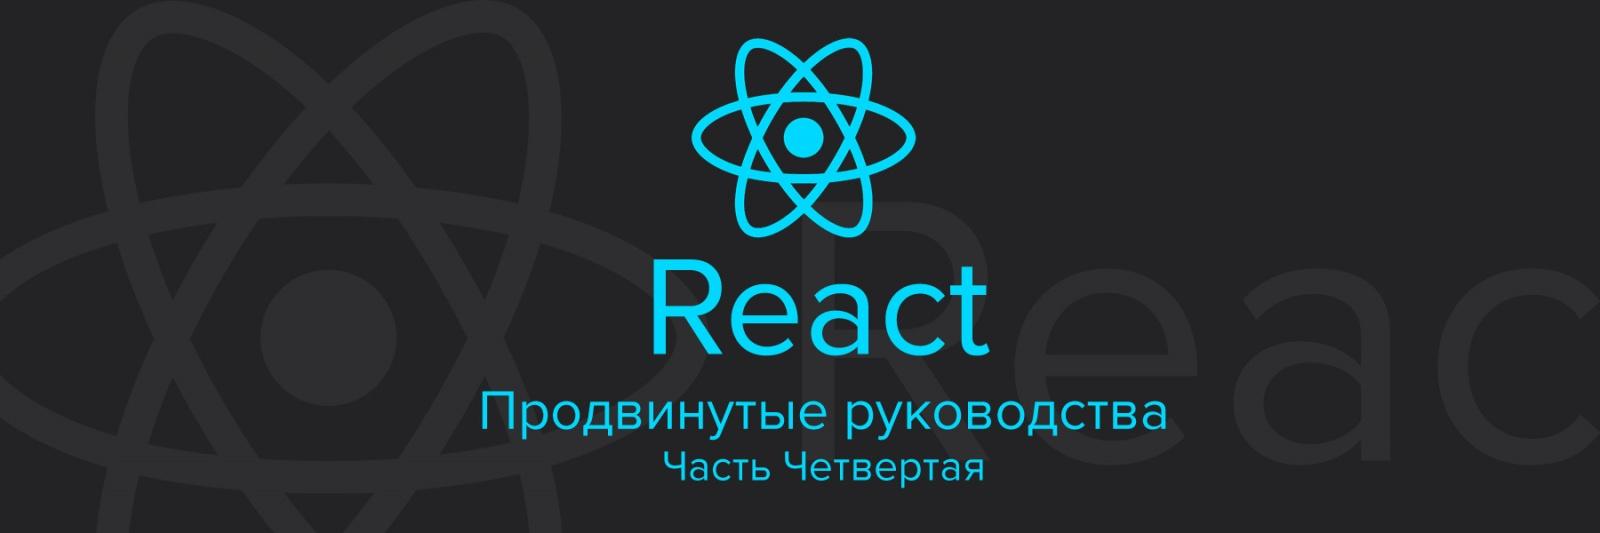 React. Продвинутые руководства. Часть Четвертая